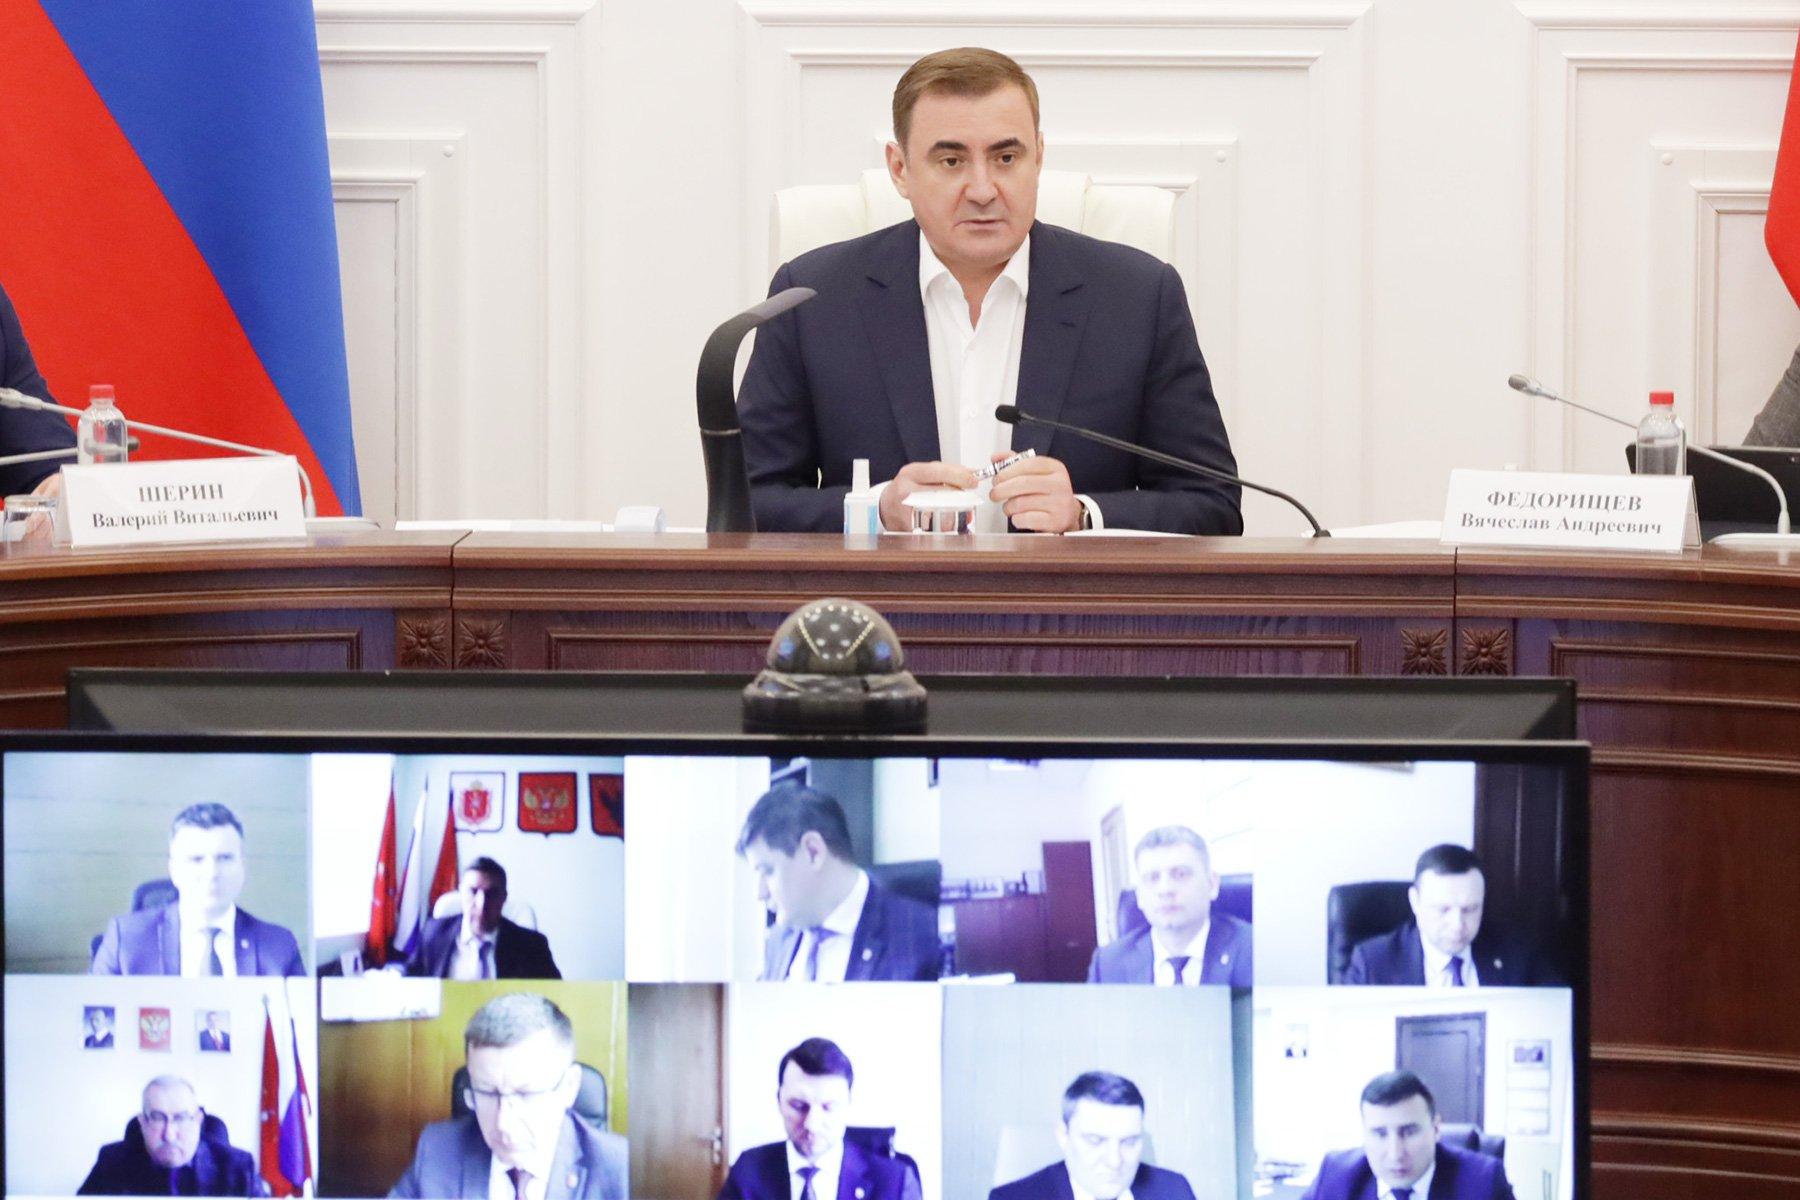 Жители Новомосковска и Донского пожаловались губернатору на неприятный запах по ночам